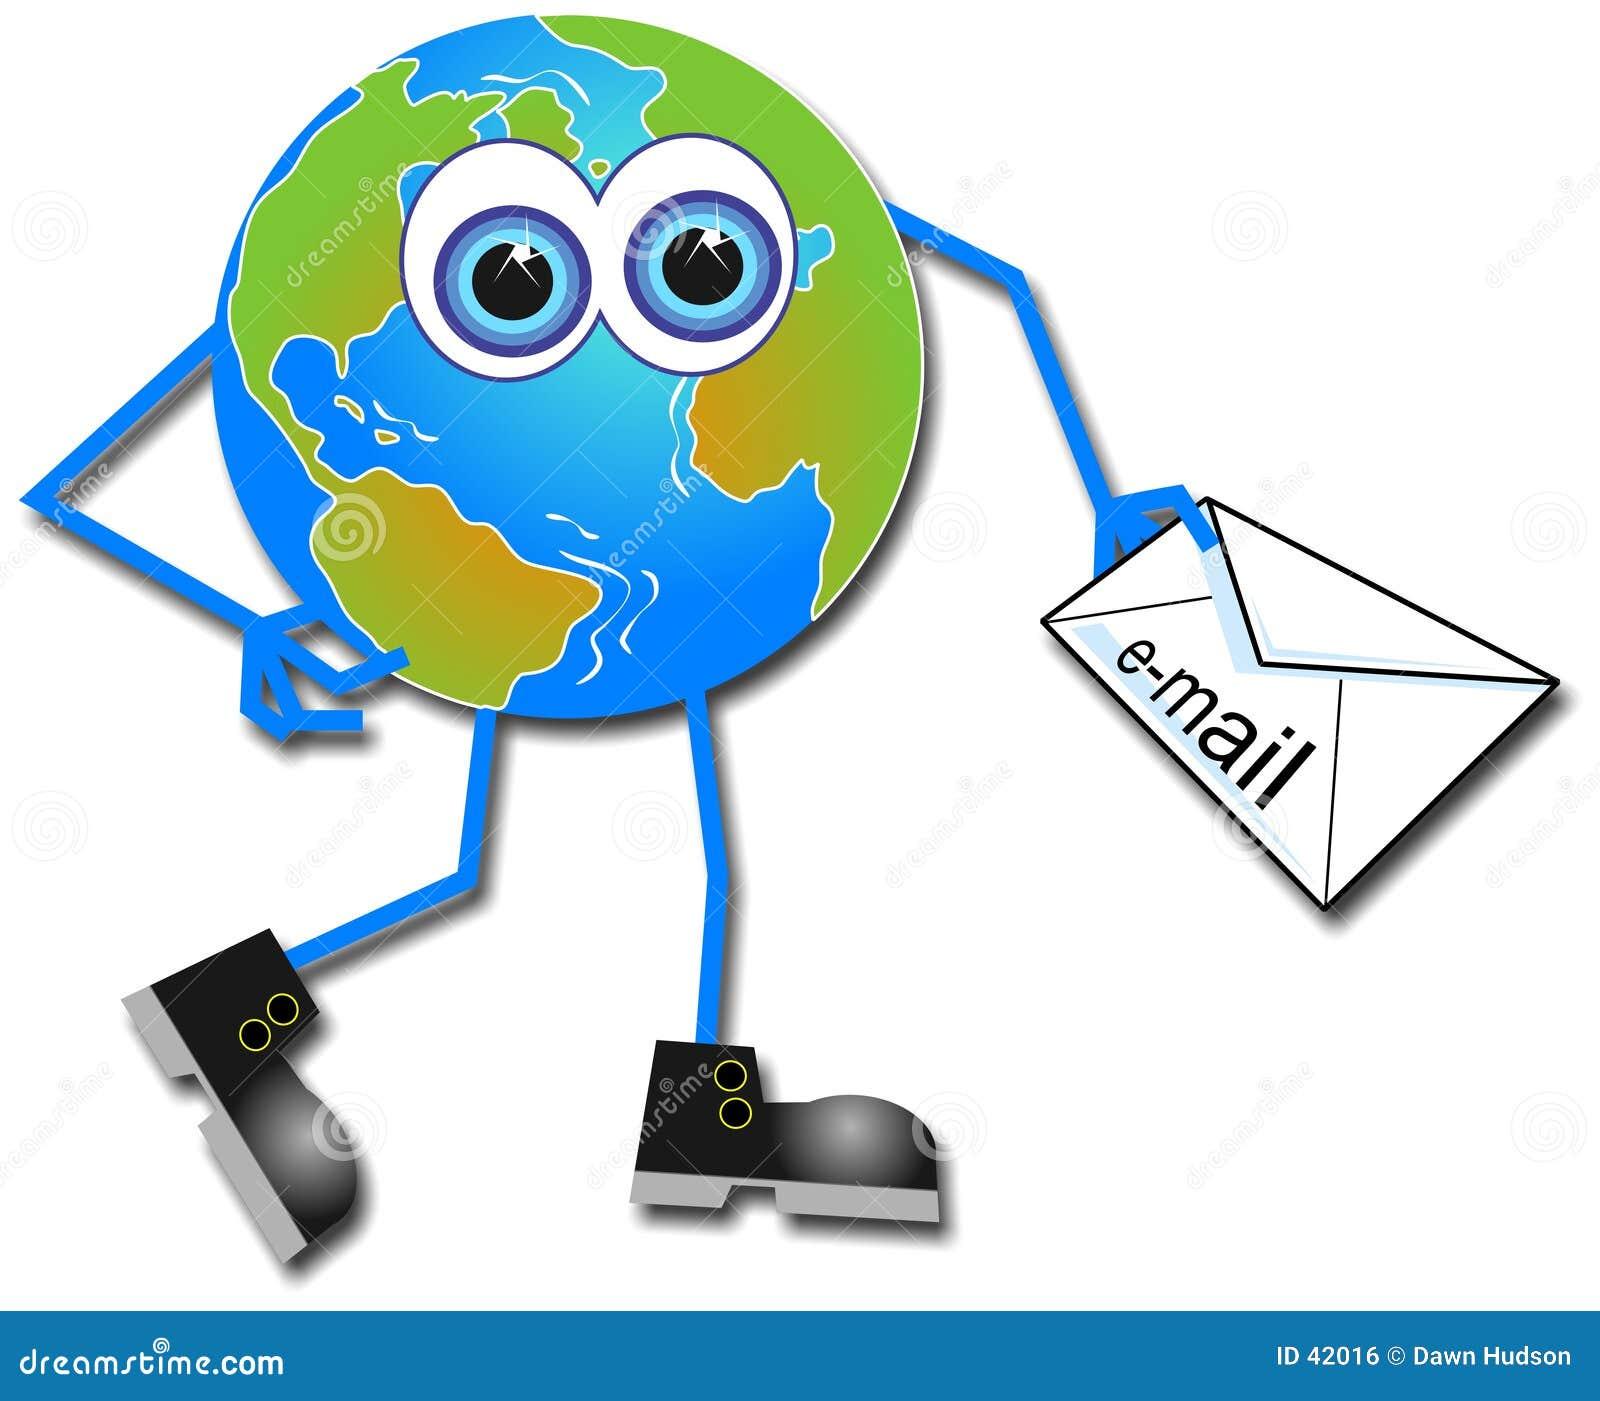 Global mr